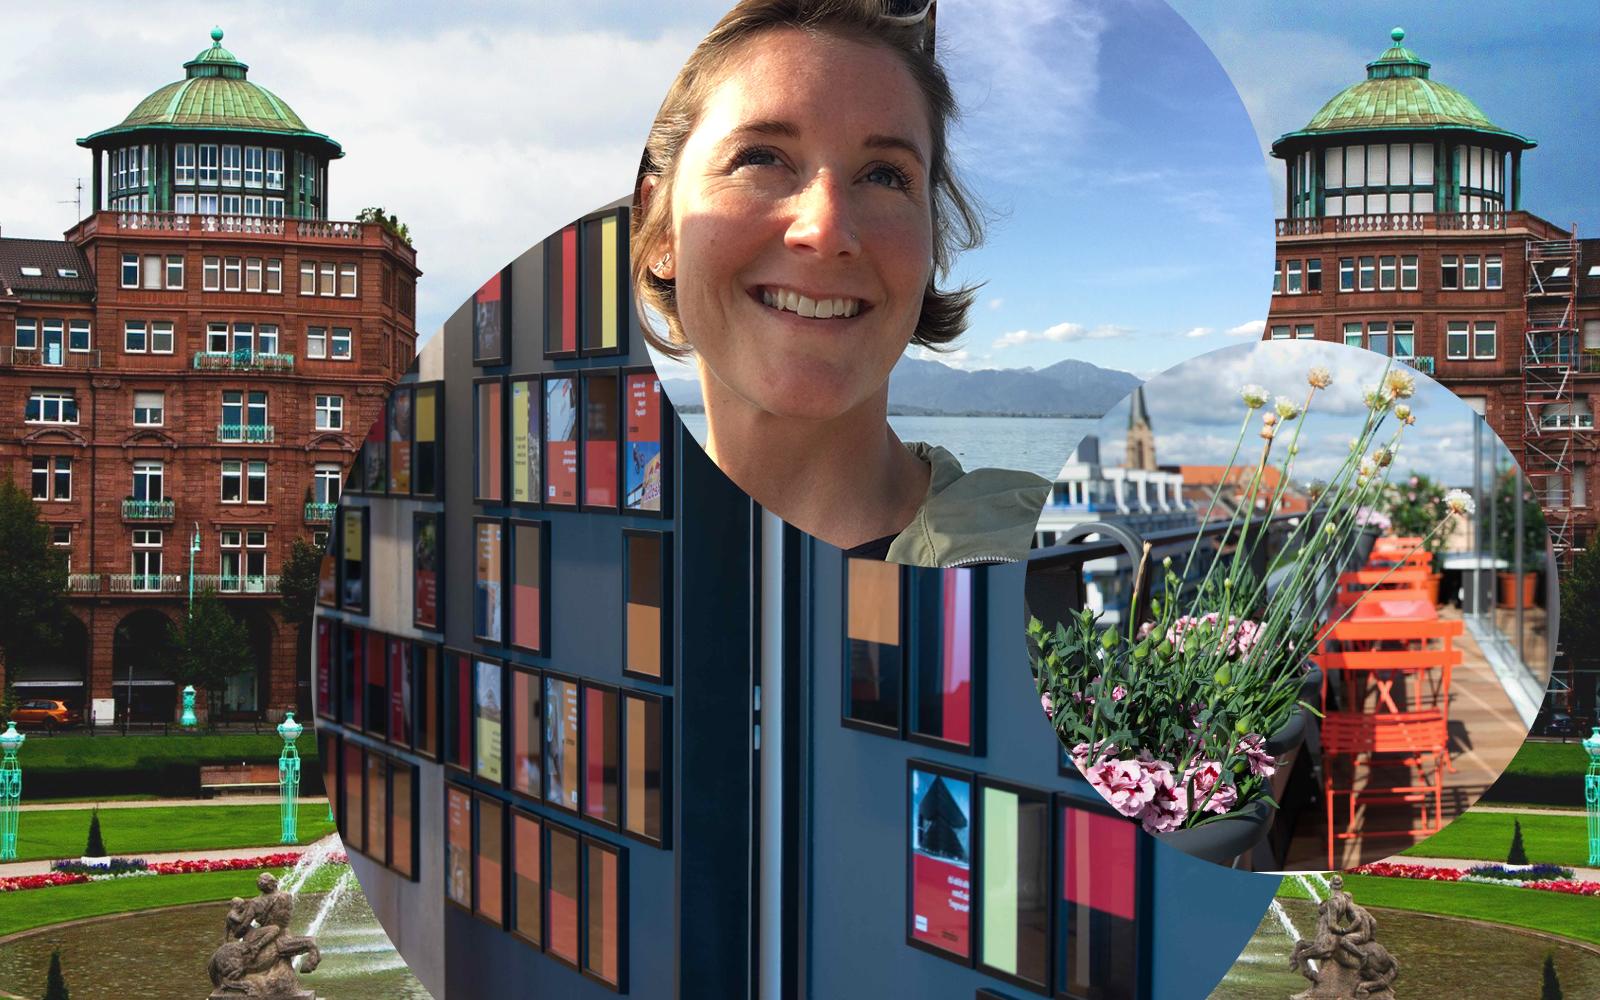 Bild von Nike Steinhausen, Managing Consultant bei valantic CEC in Mannheim, im Hintergrund die Büroräume der valantic CEC Mannheim sowie die Stadt Mannheim